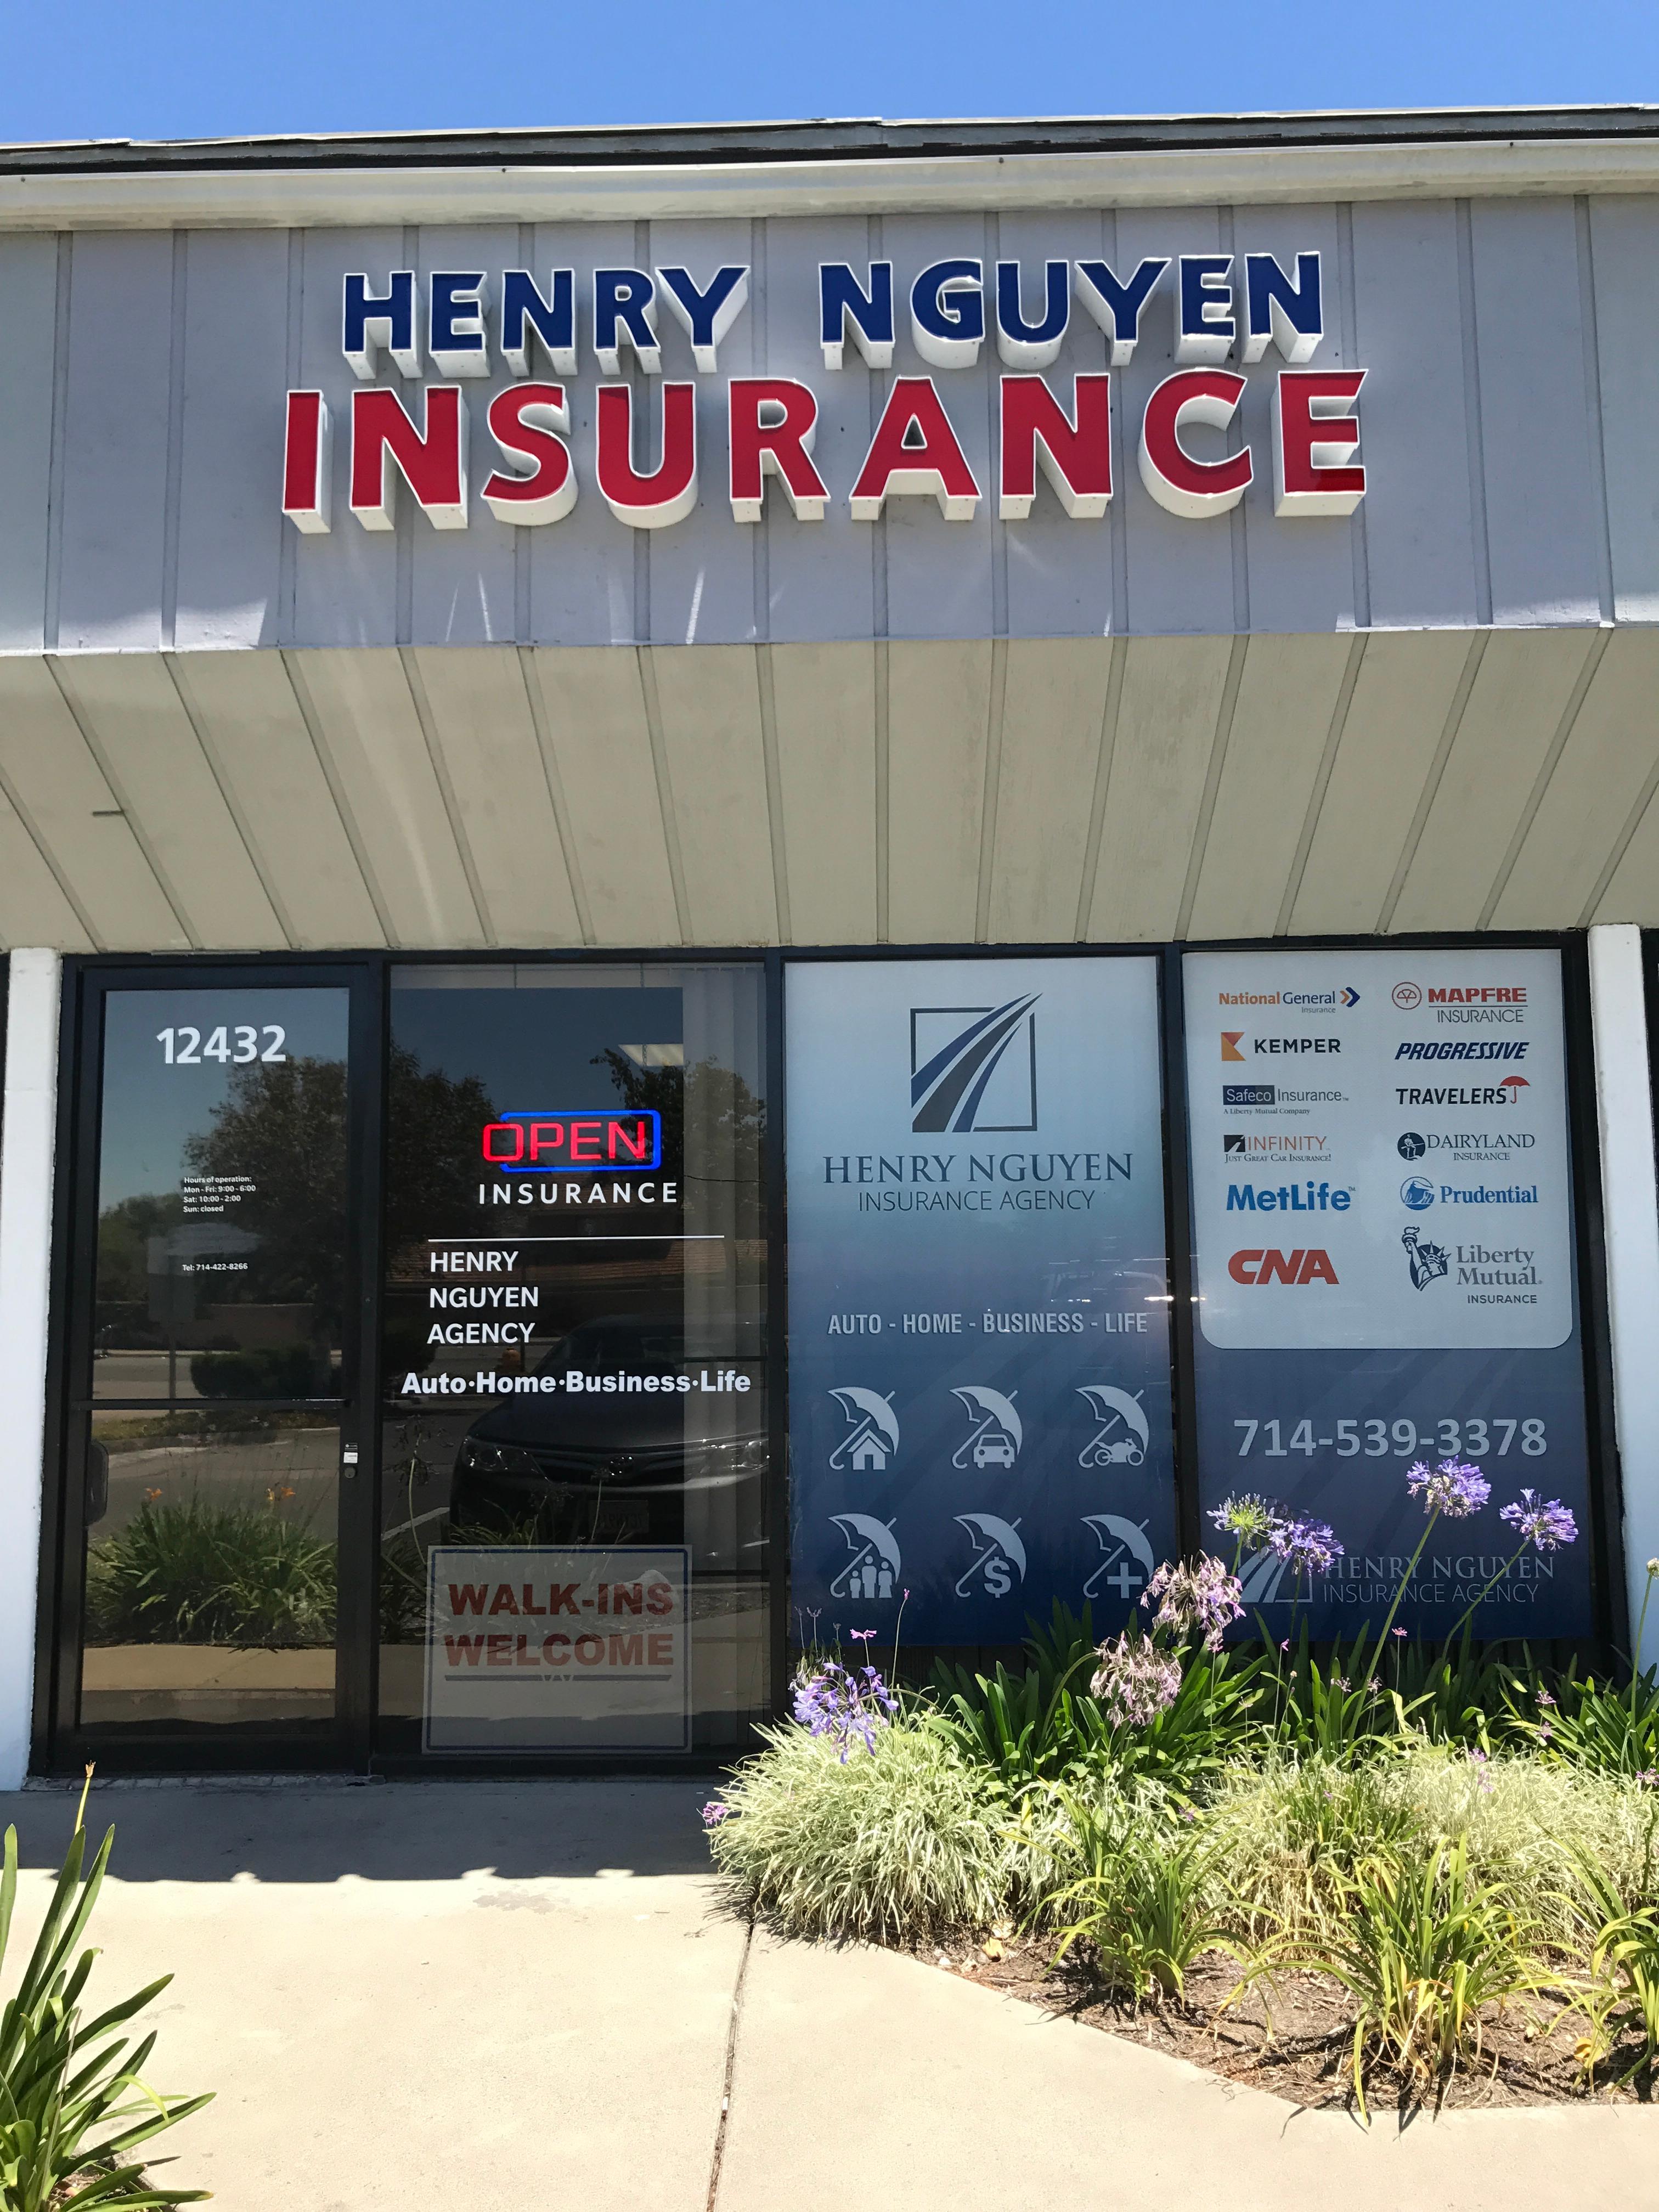 Henry Nguyen Insurance Agency In Garden Grove Ca 92840